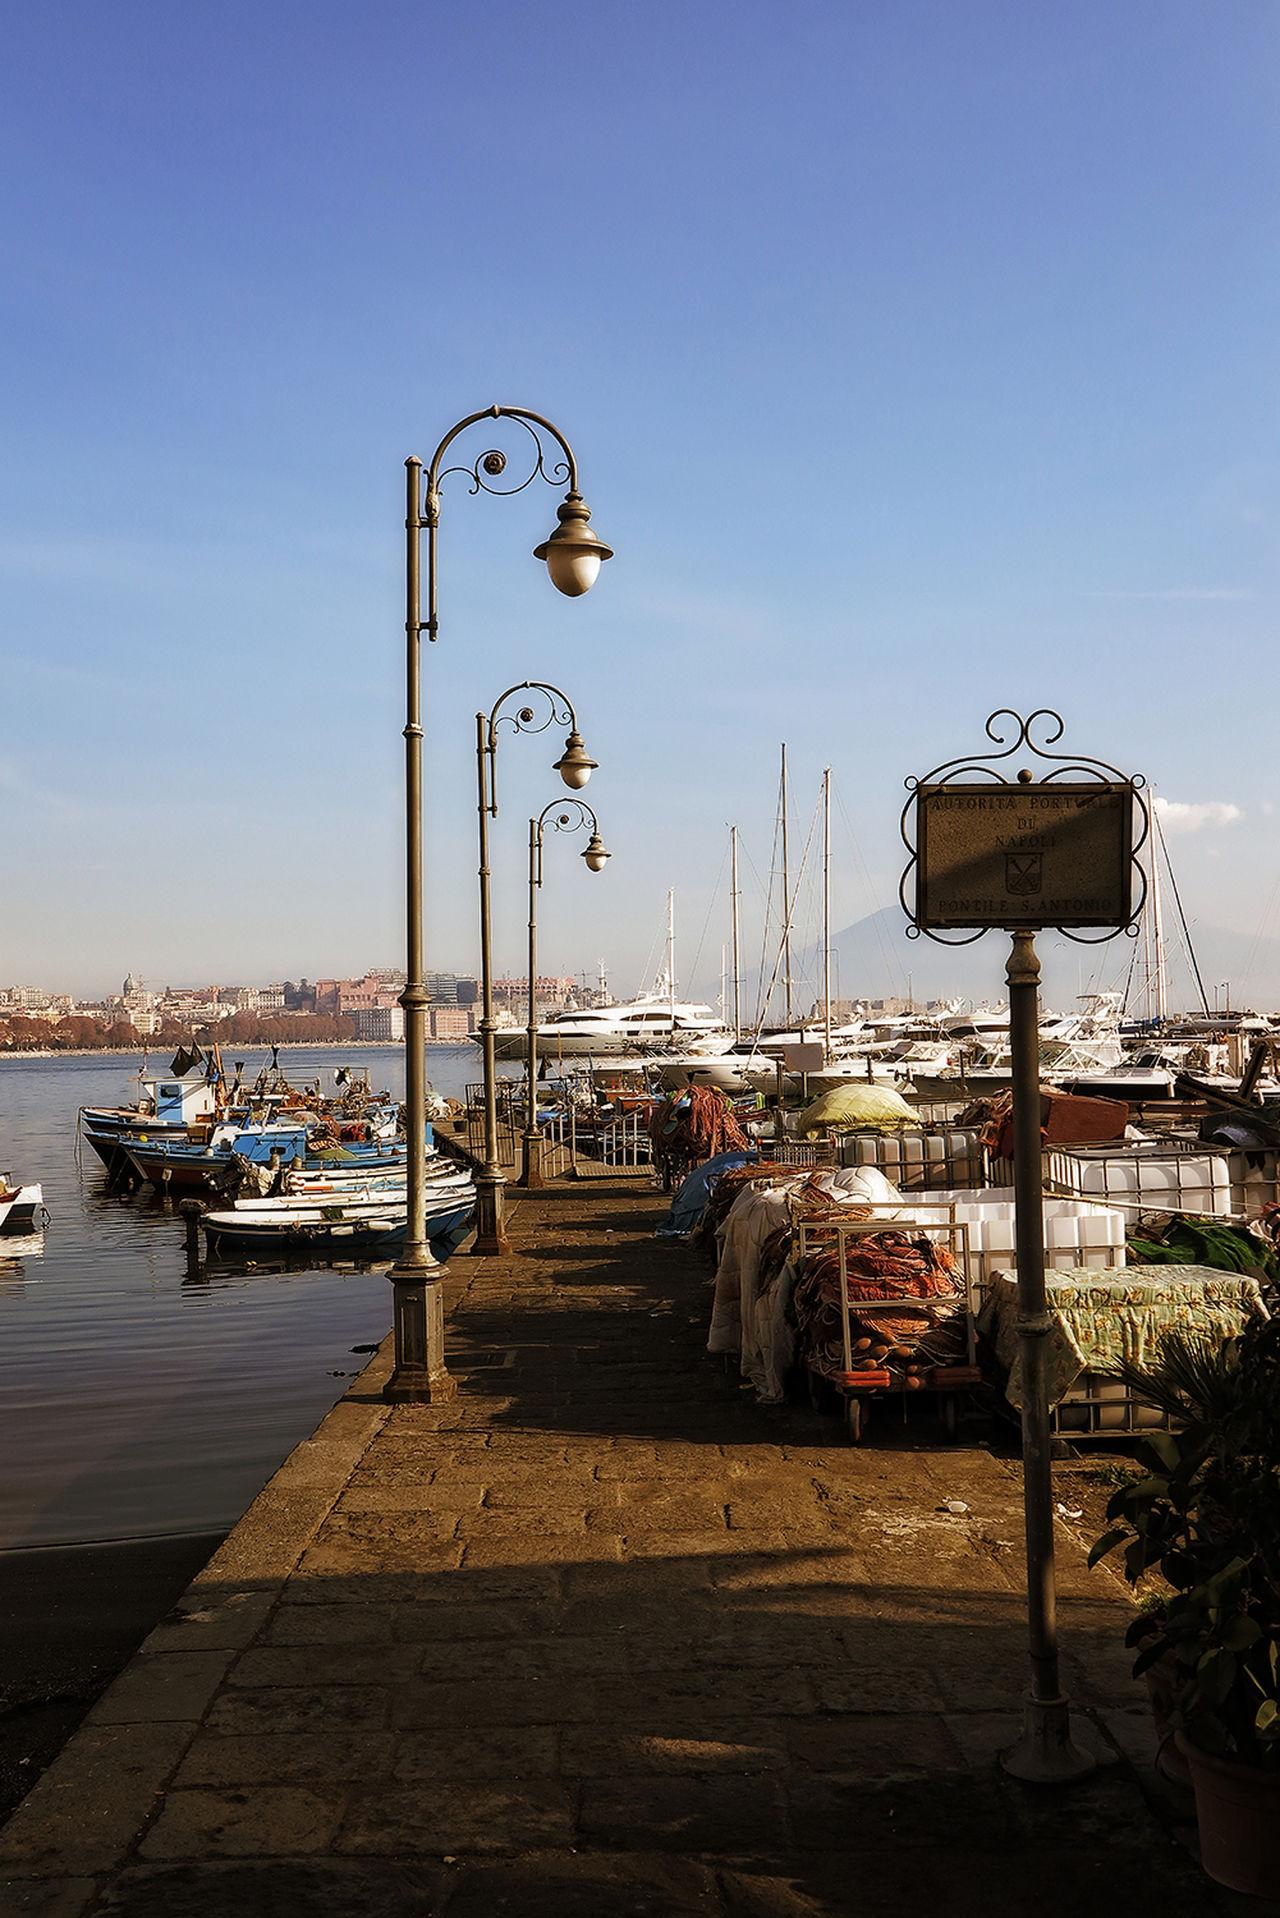 City Napoli Italy Outdoors